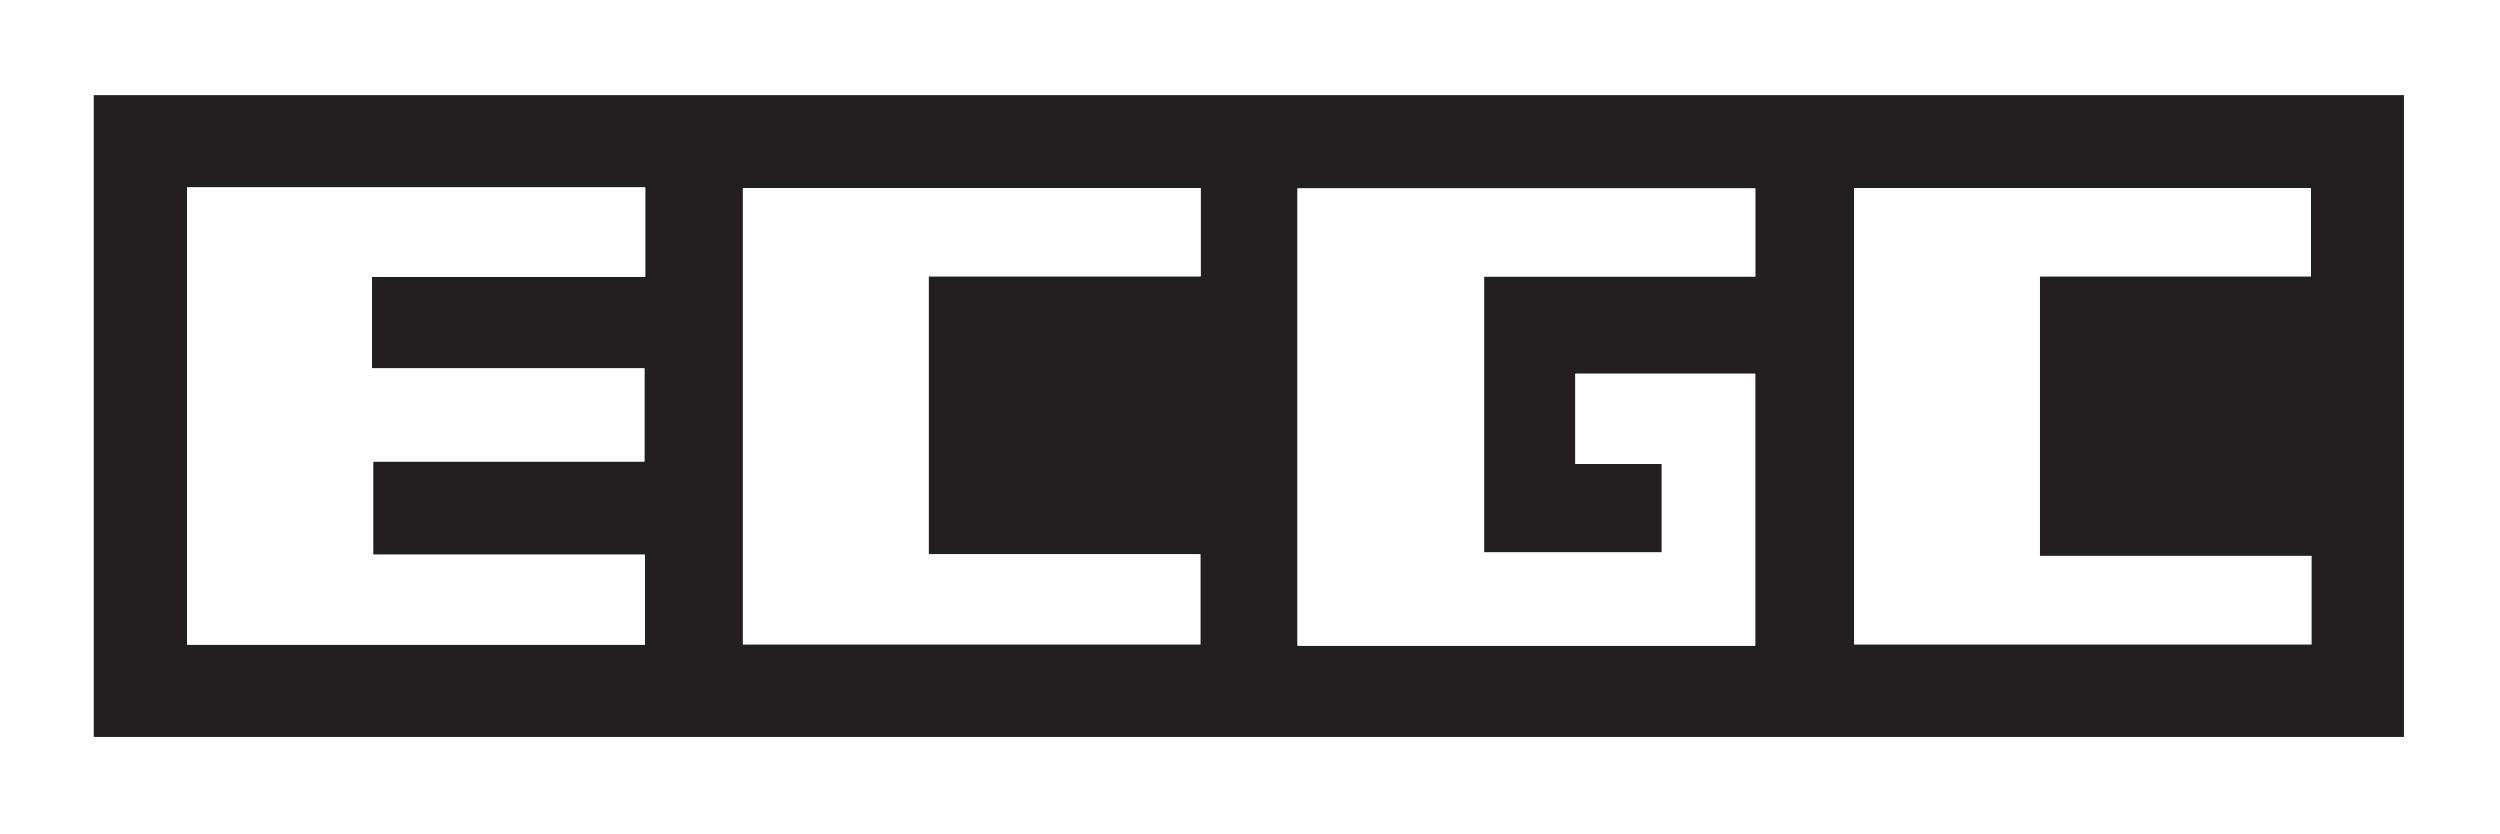 ecgc.png